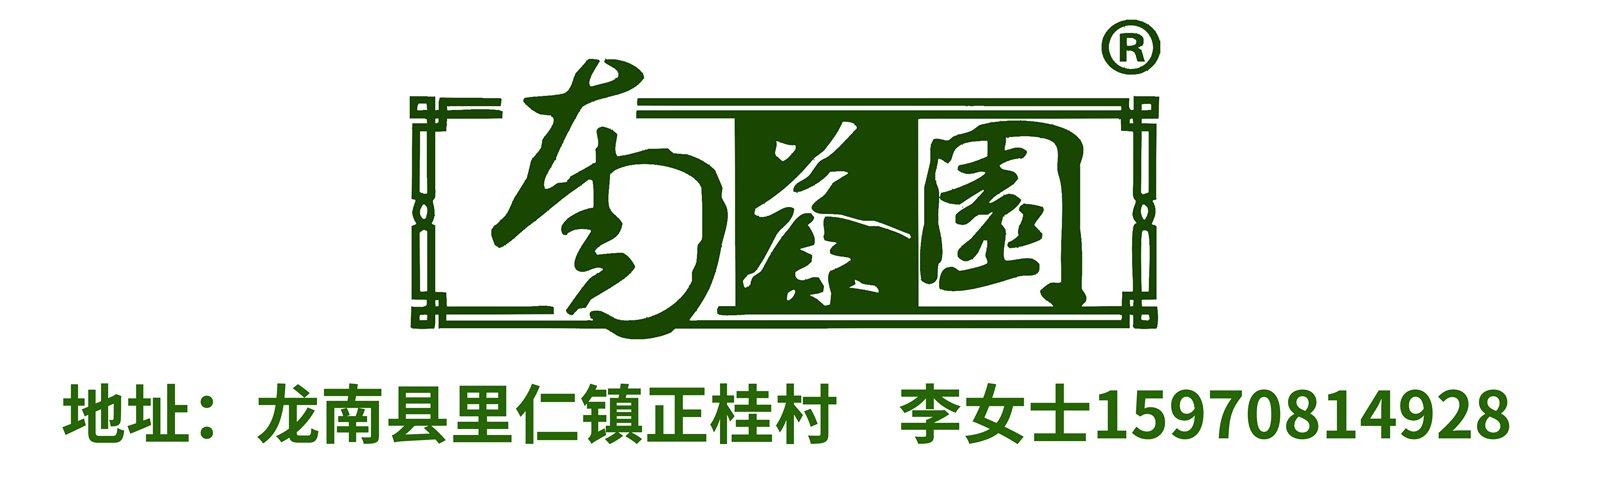 江西省南茶�@生�B�r�I�l展有限公司